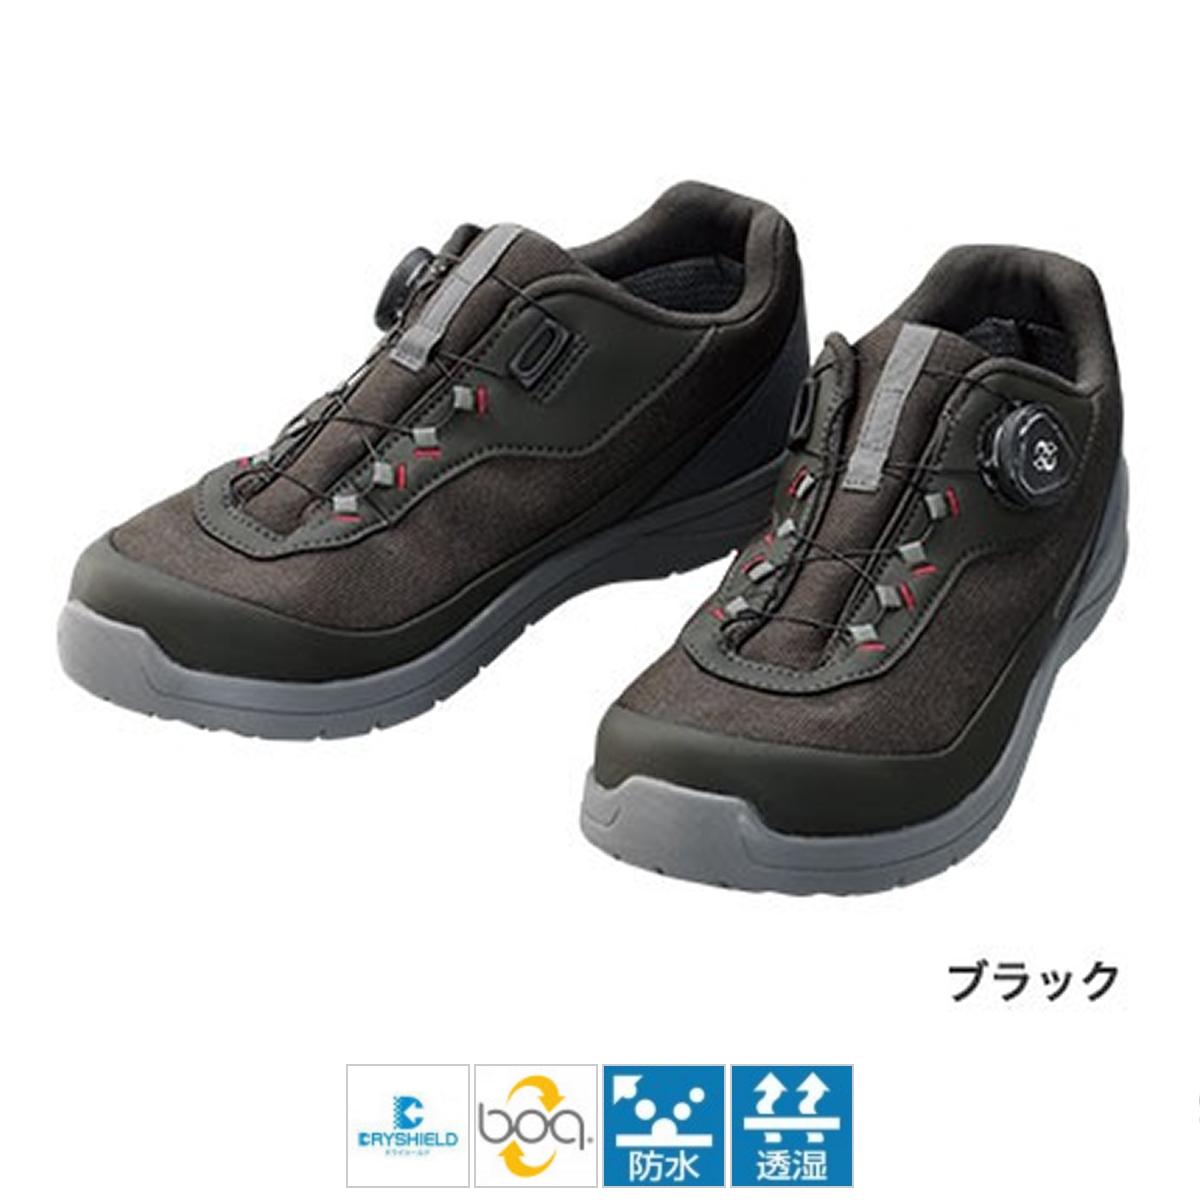 シマノ ドライシールド デッキラジアルフィットシューズ LW FS-081Q 26cm ブラック(東日本店)